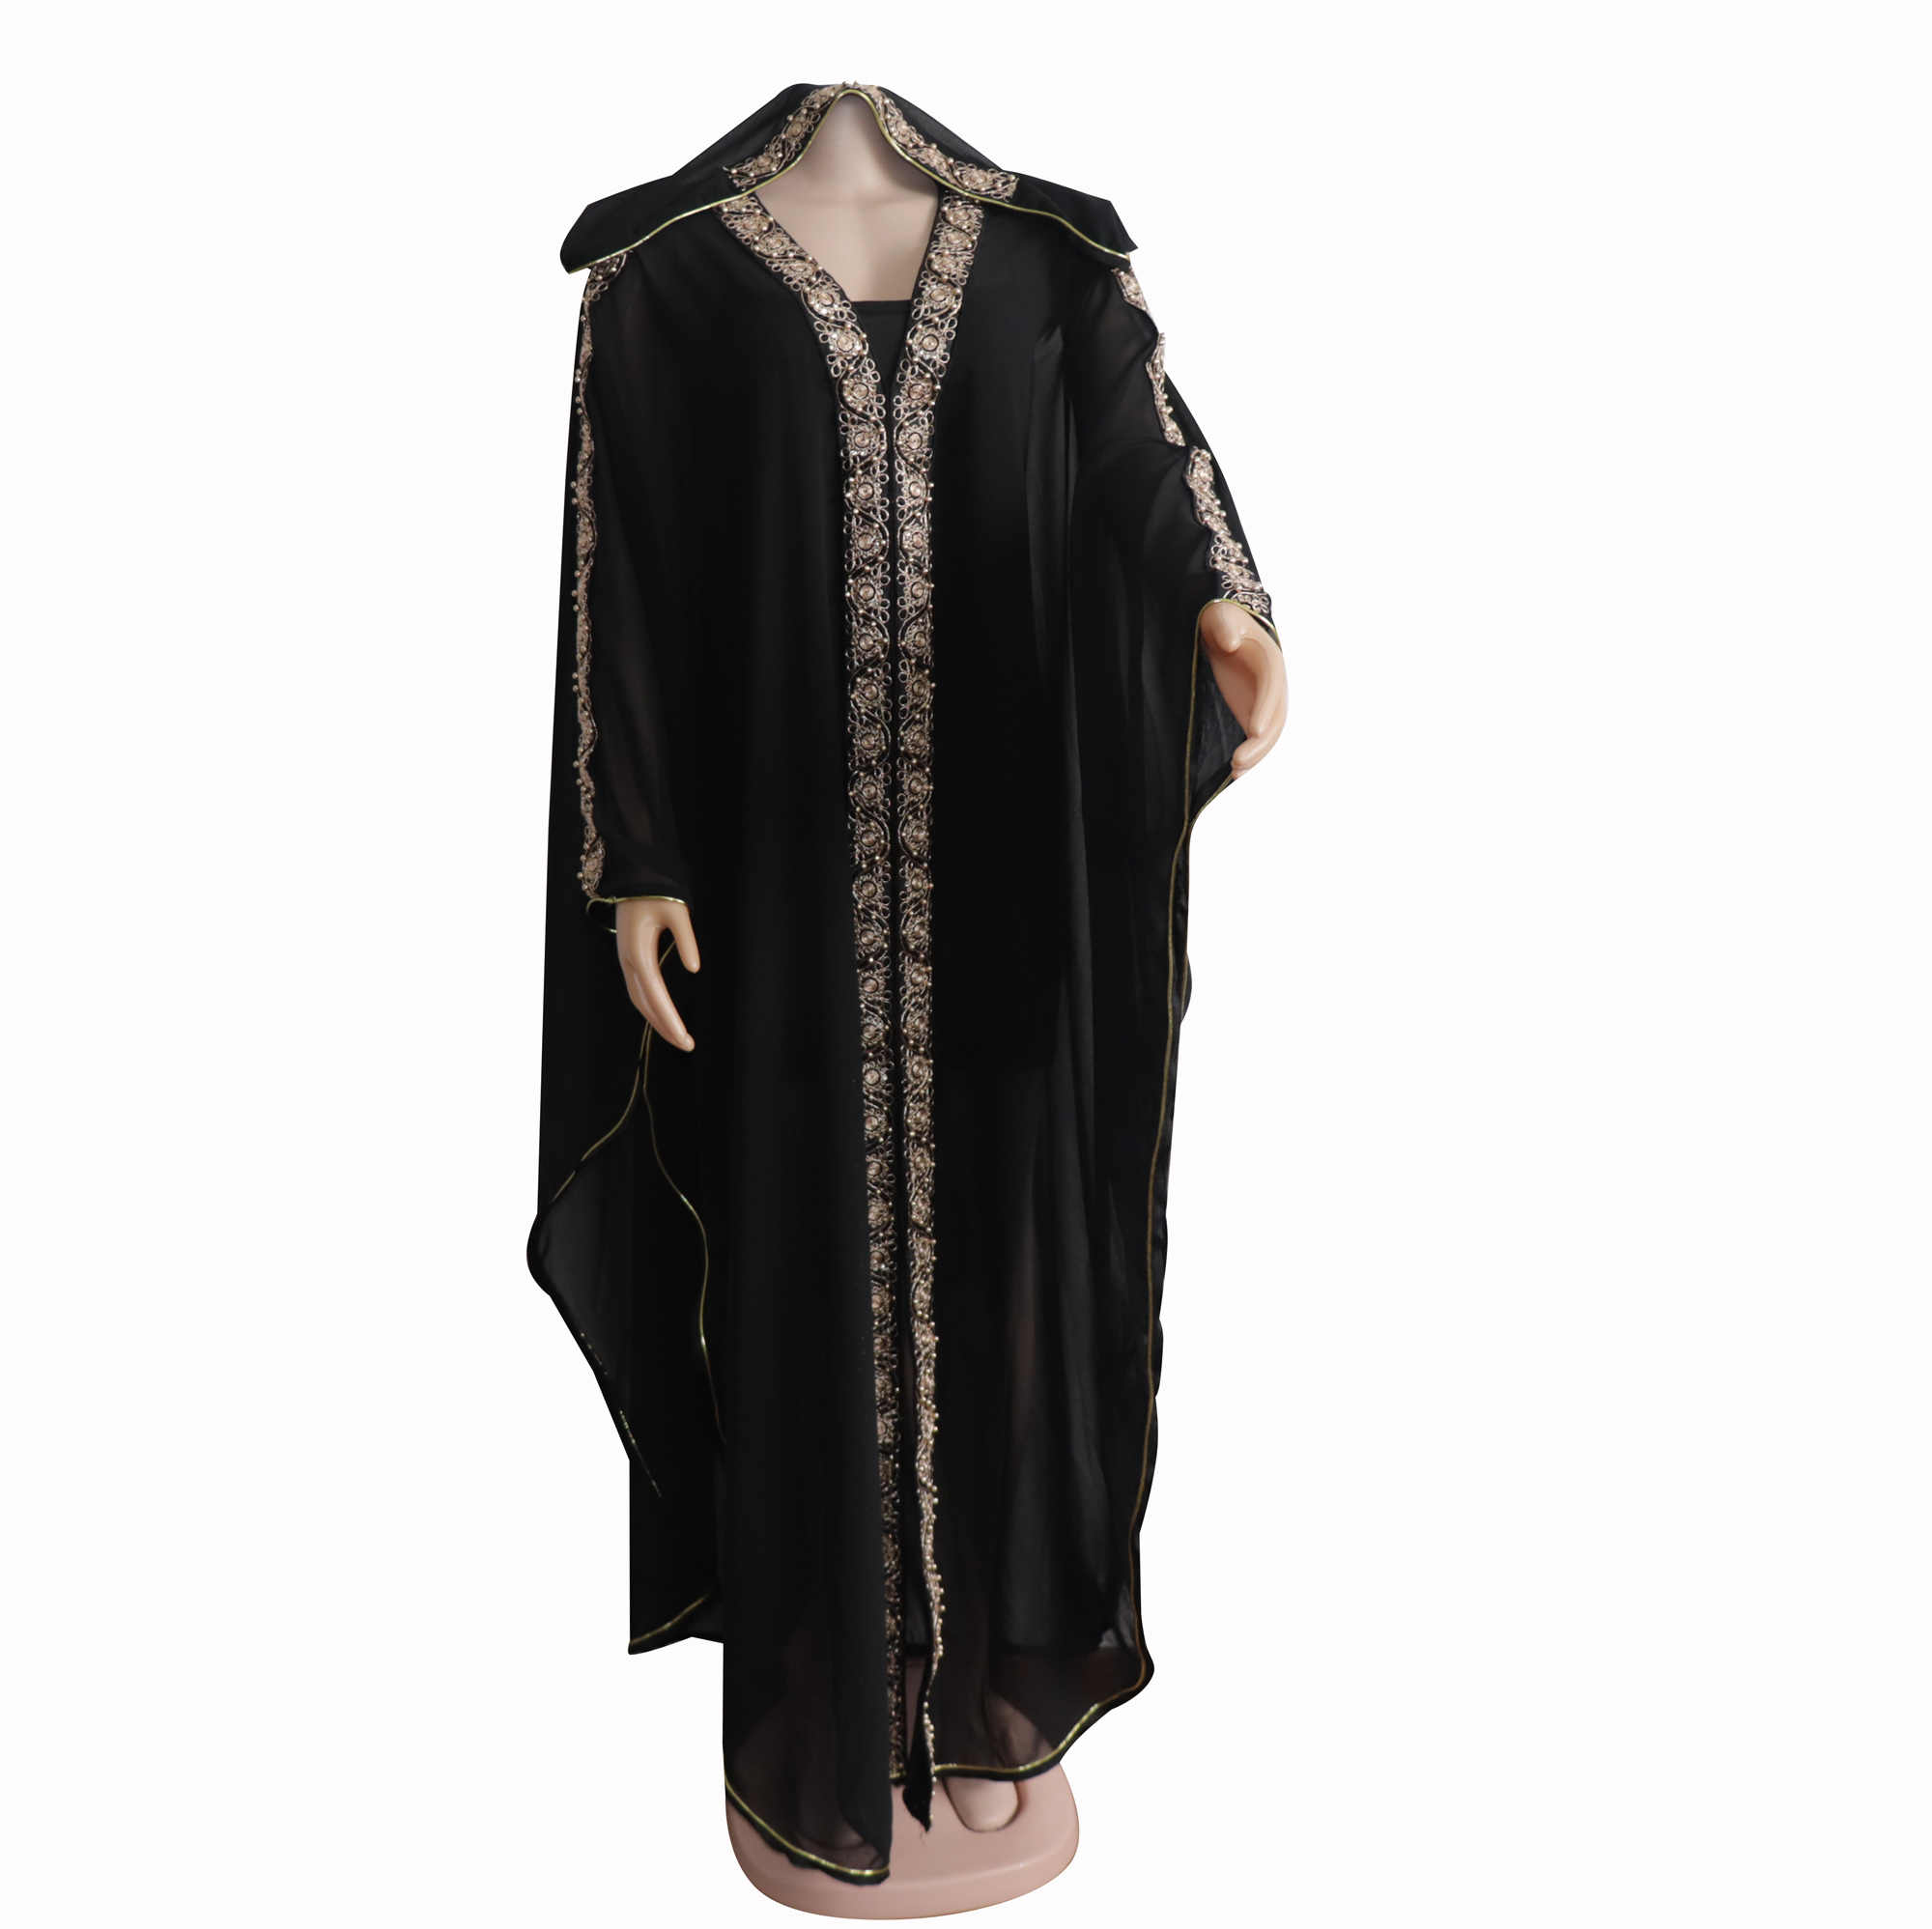 Африканская одежда для женщин Горячая Распродажа с капюшоном летнее шифоновое Abayah размера плюс черное платье с разрезом с эластичной внутренней одеждой